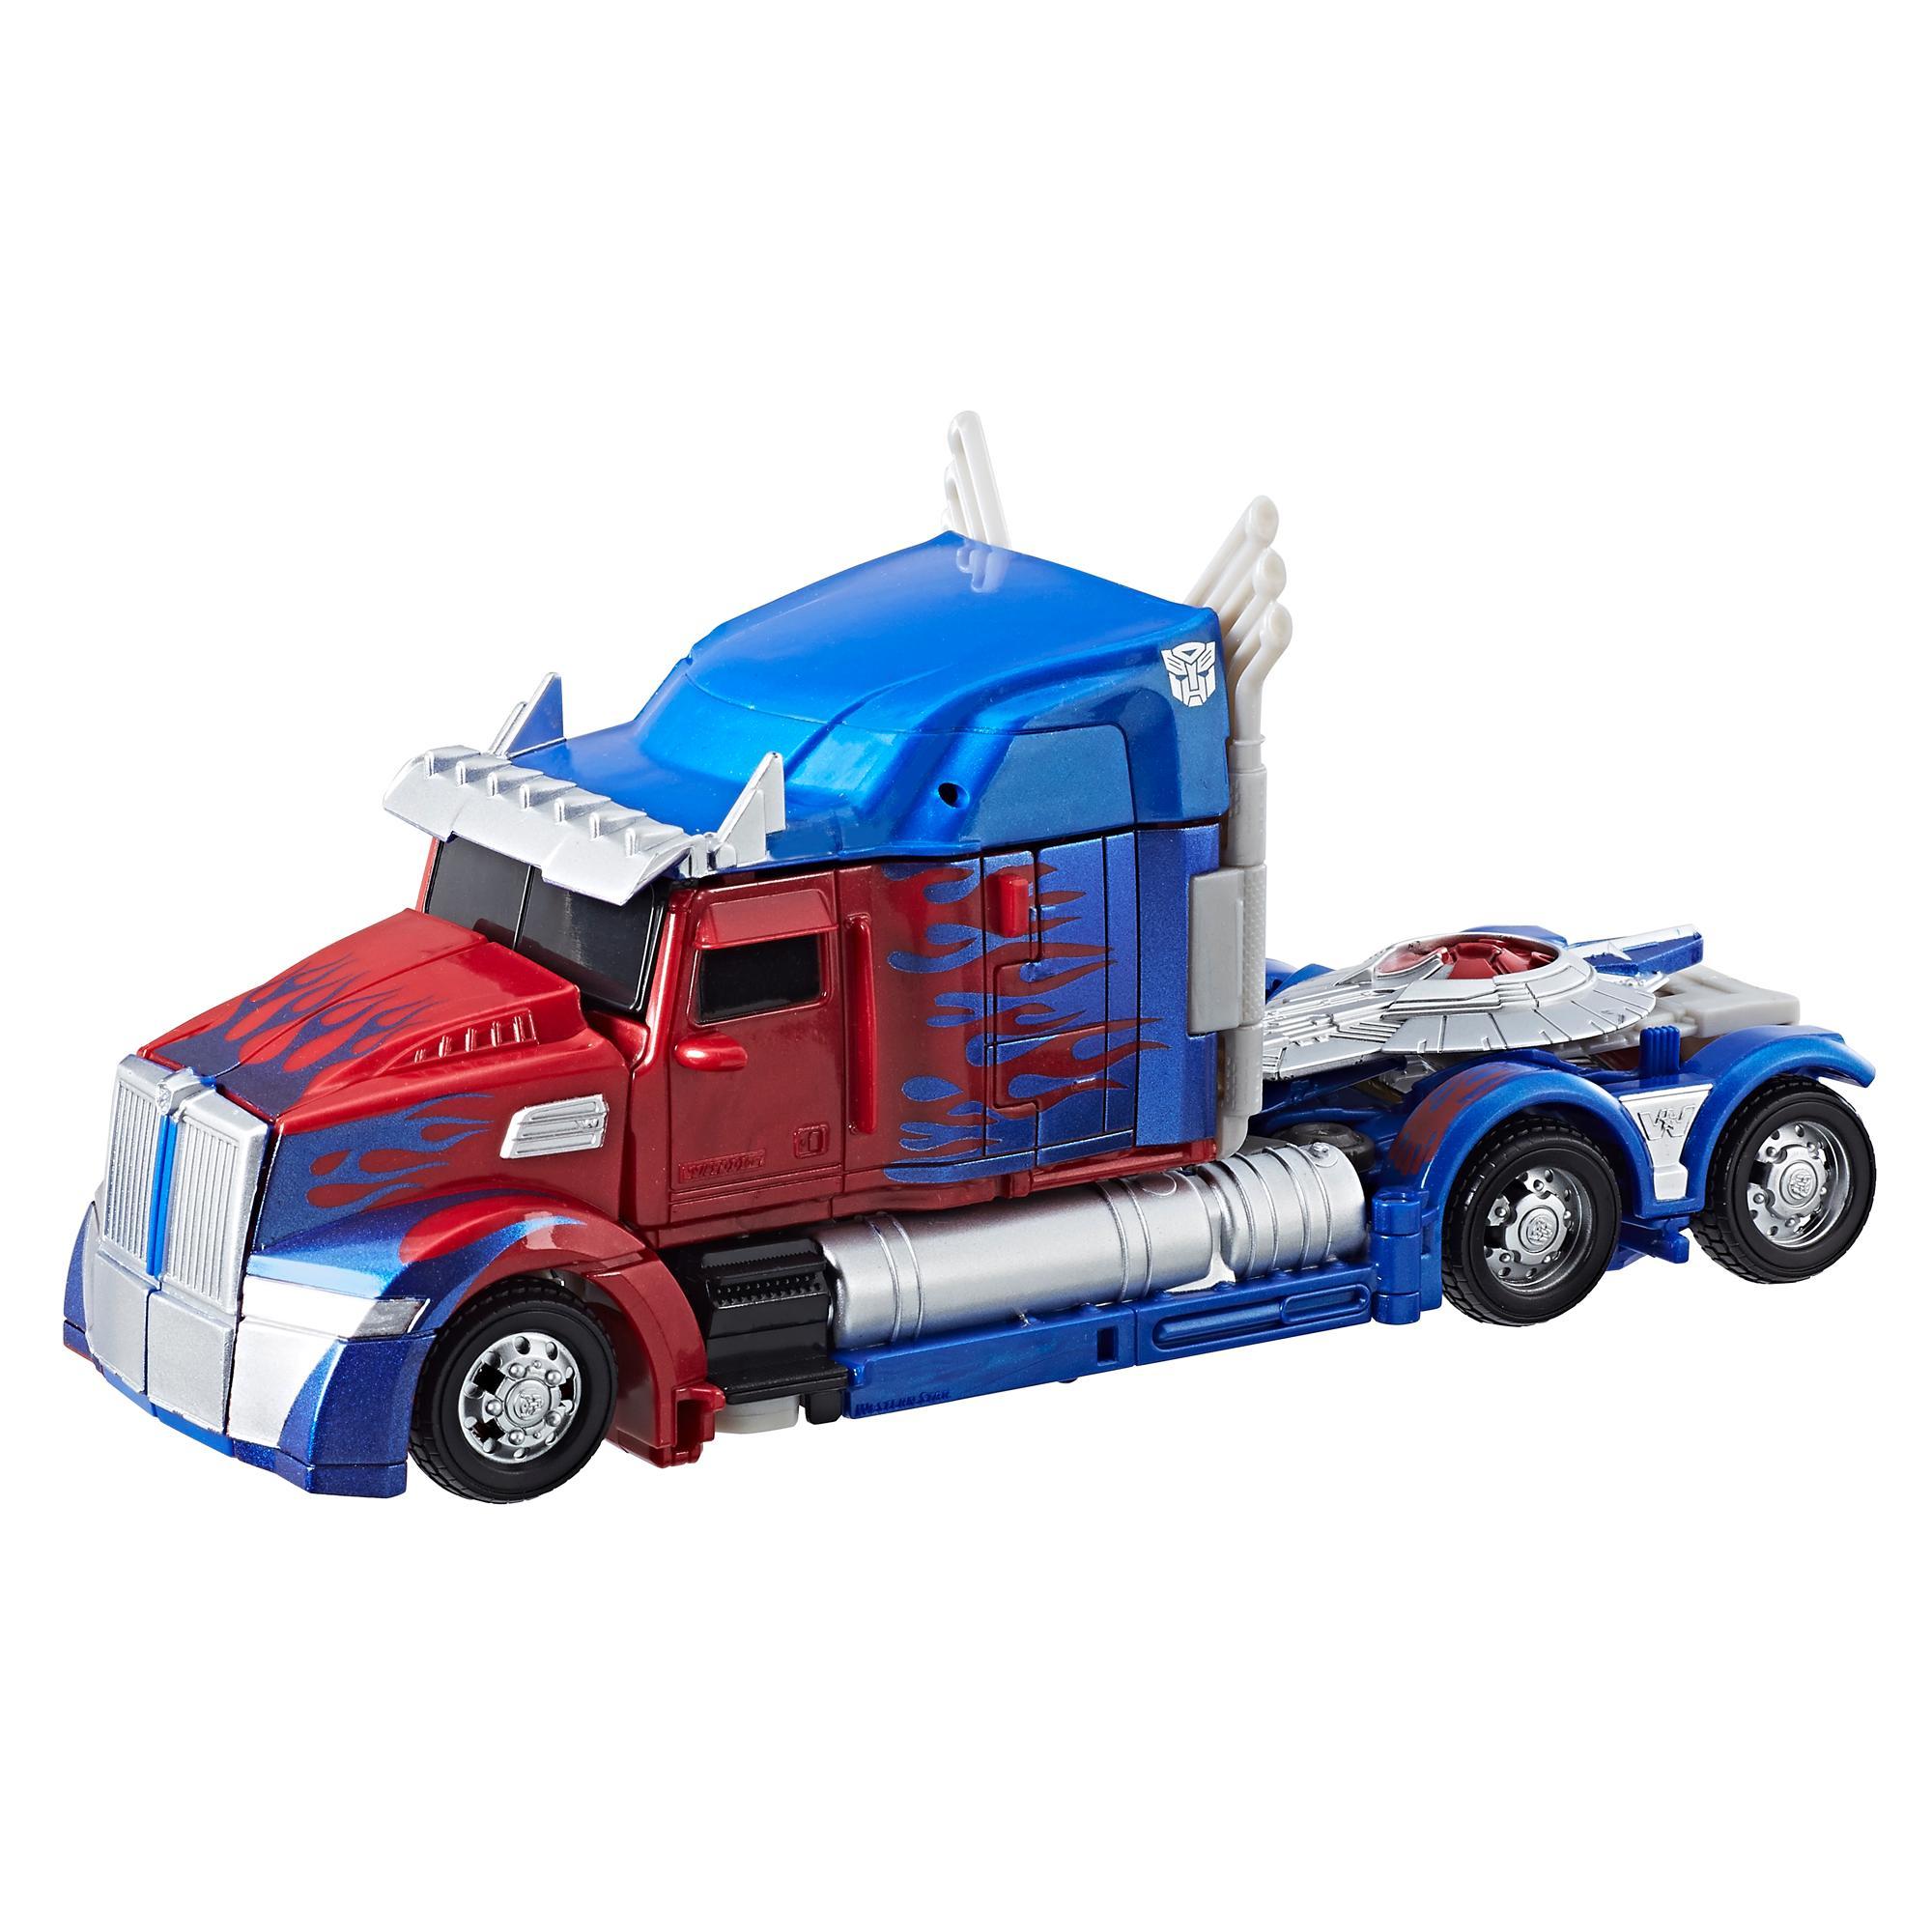 Transformers: O Último Cavaleiro Premier Edition Classe Voyager - Optimus Prime Edição Convenção